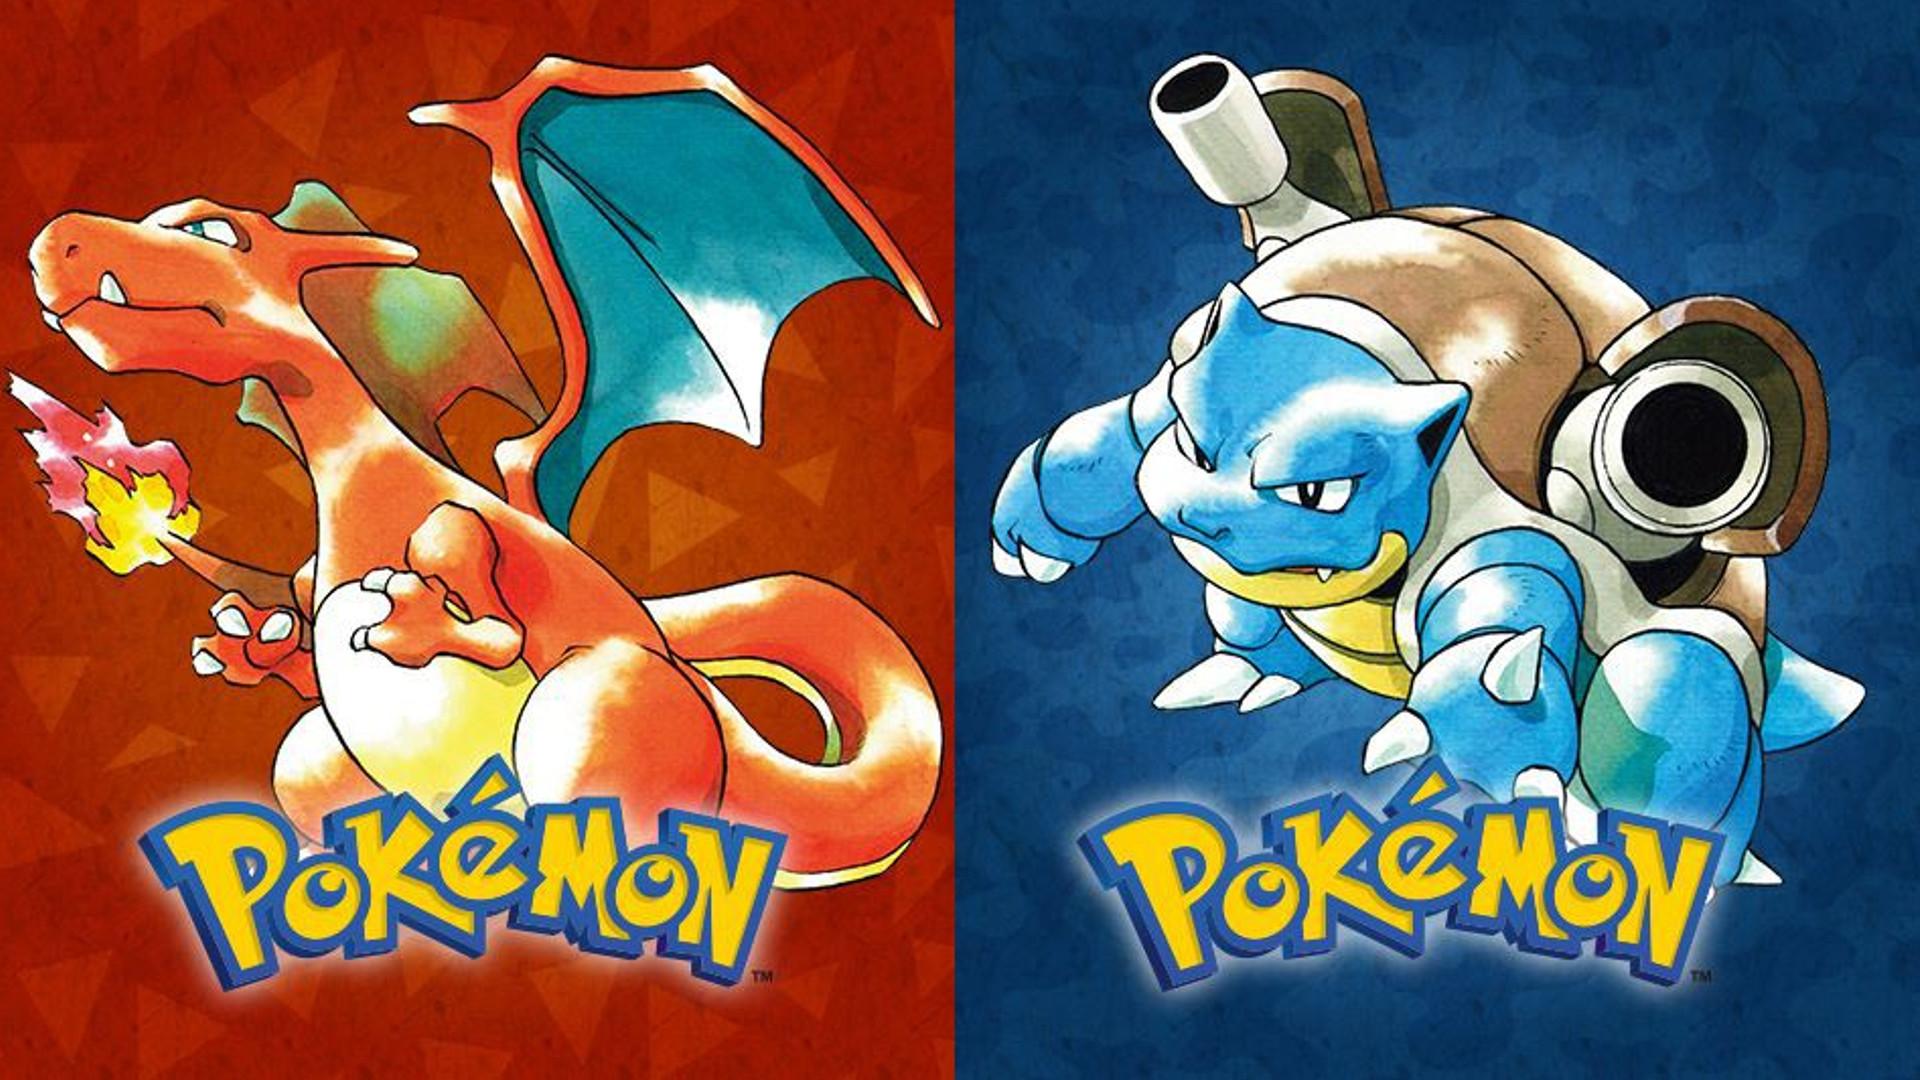 Pokemon Rot Karte.Pokémon Rot Blau Und Gelb Beweise Dein Wissen über Die Game Boy